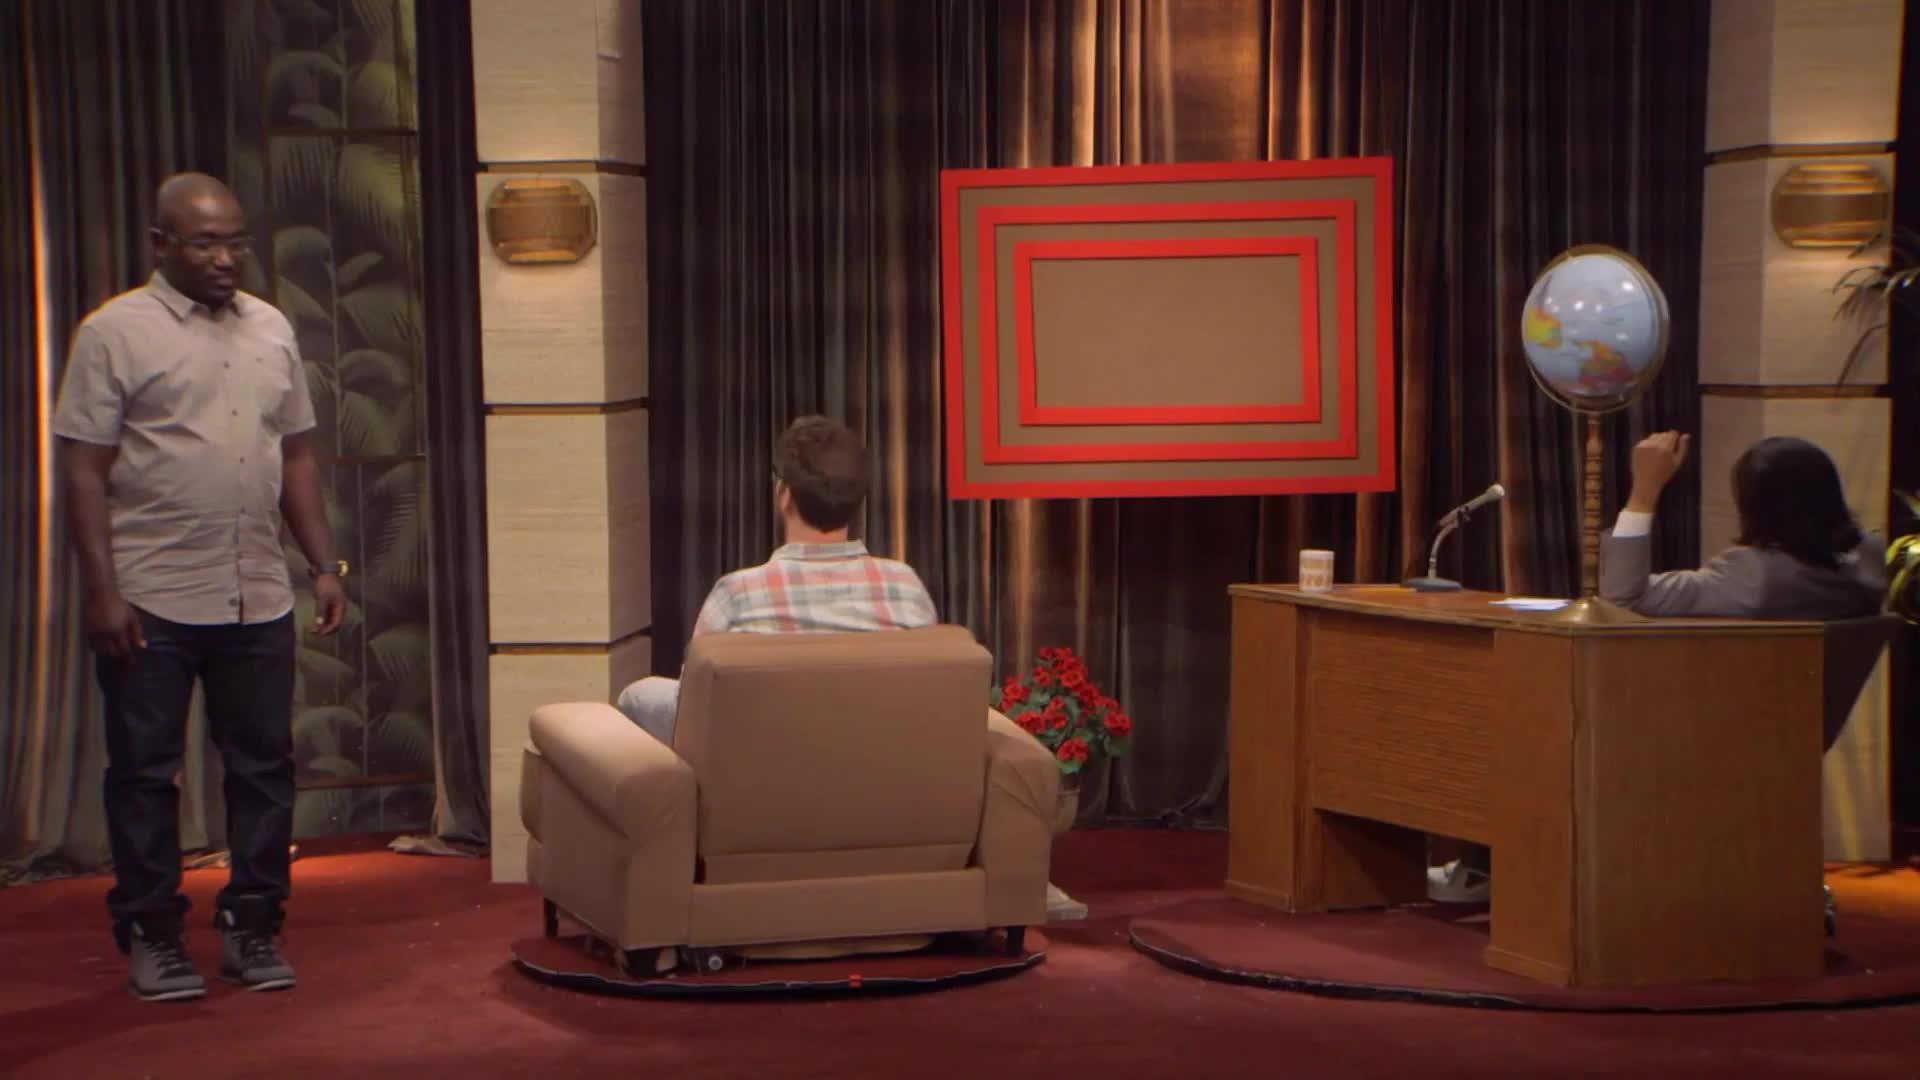 Hannibal Buress, TheEricAndreShow, theericandreshow, Ballas GIFs